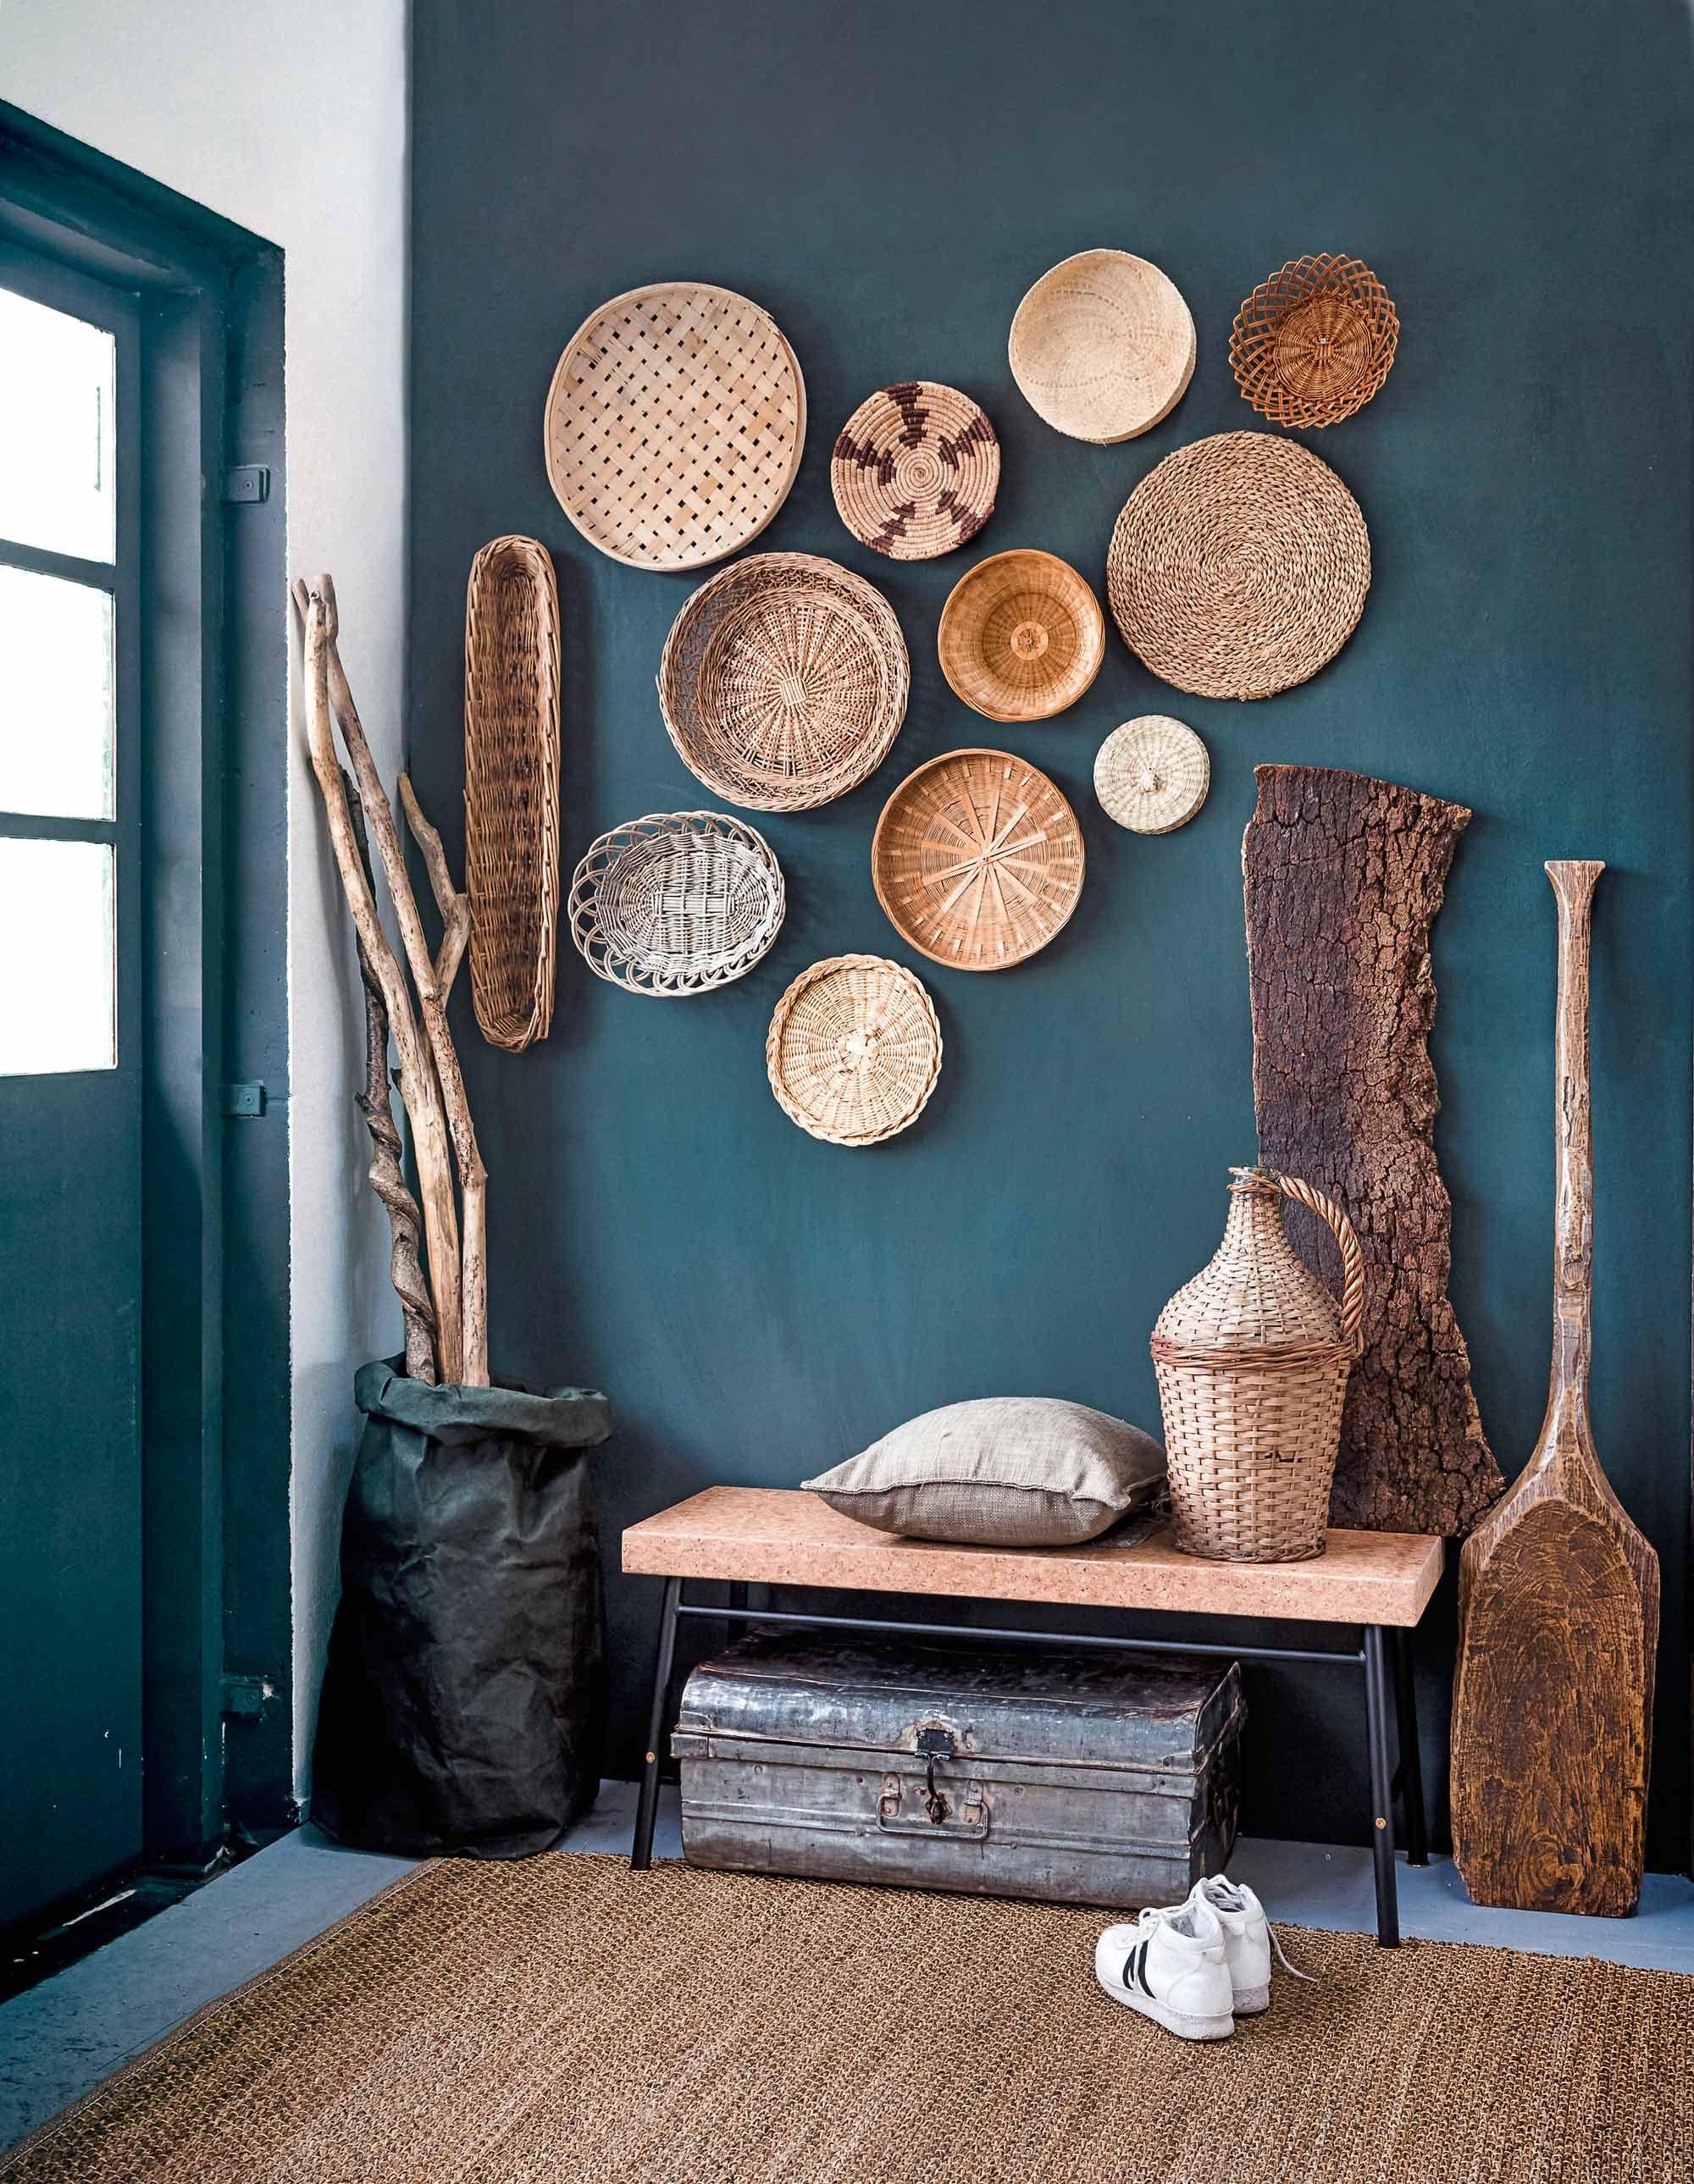 Muurdecoratie: muur zoekt match vtwonen.nl | Interieur